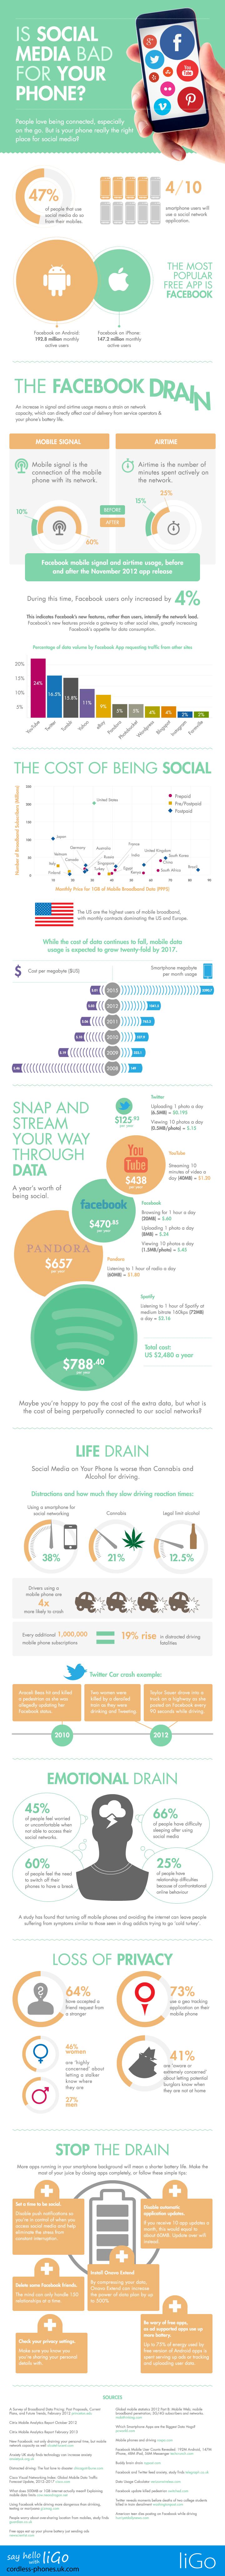 Jsou sociální sítě v mobilu špatné? Infografika